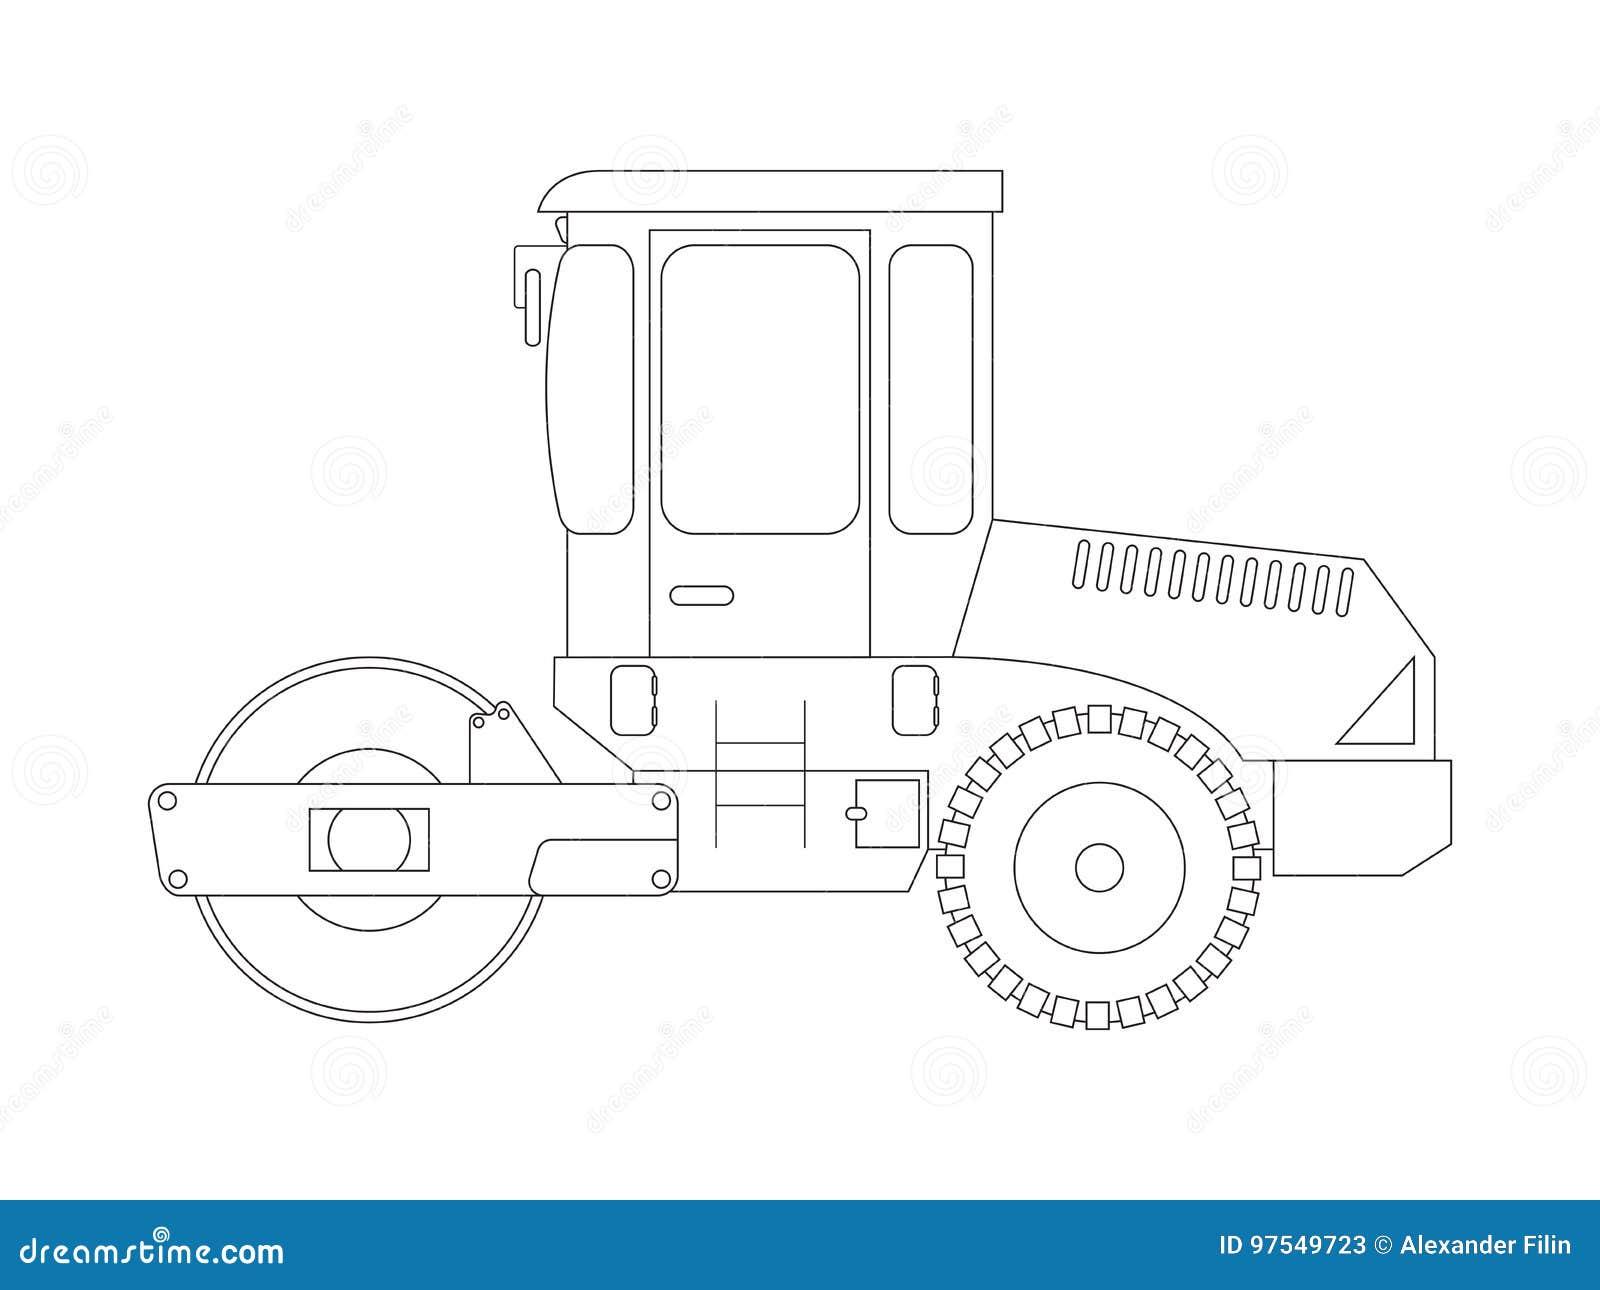 Construction Machine Asphalt Compactor Coloring Pages For Children